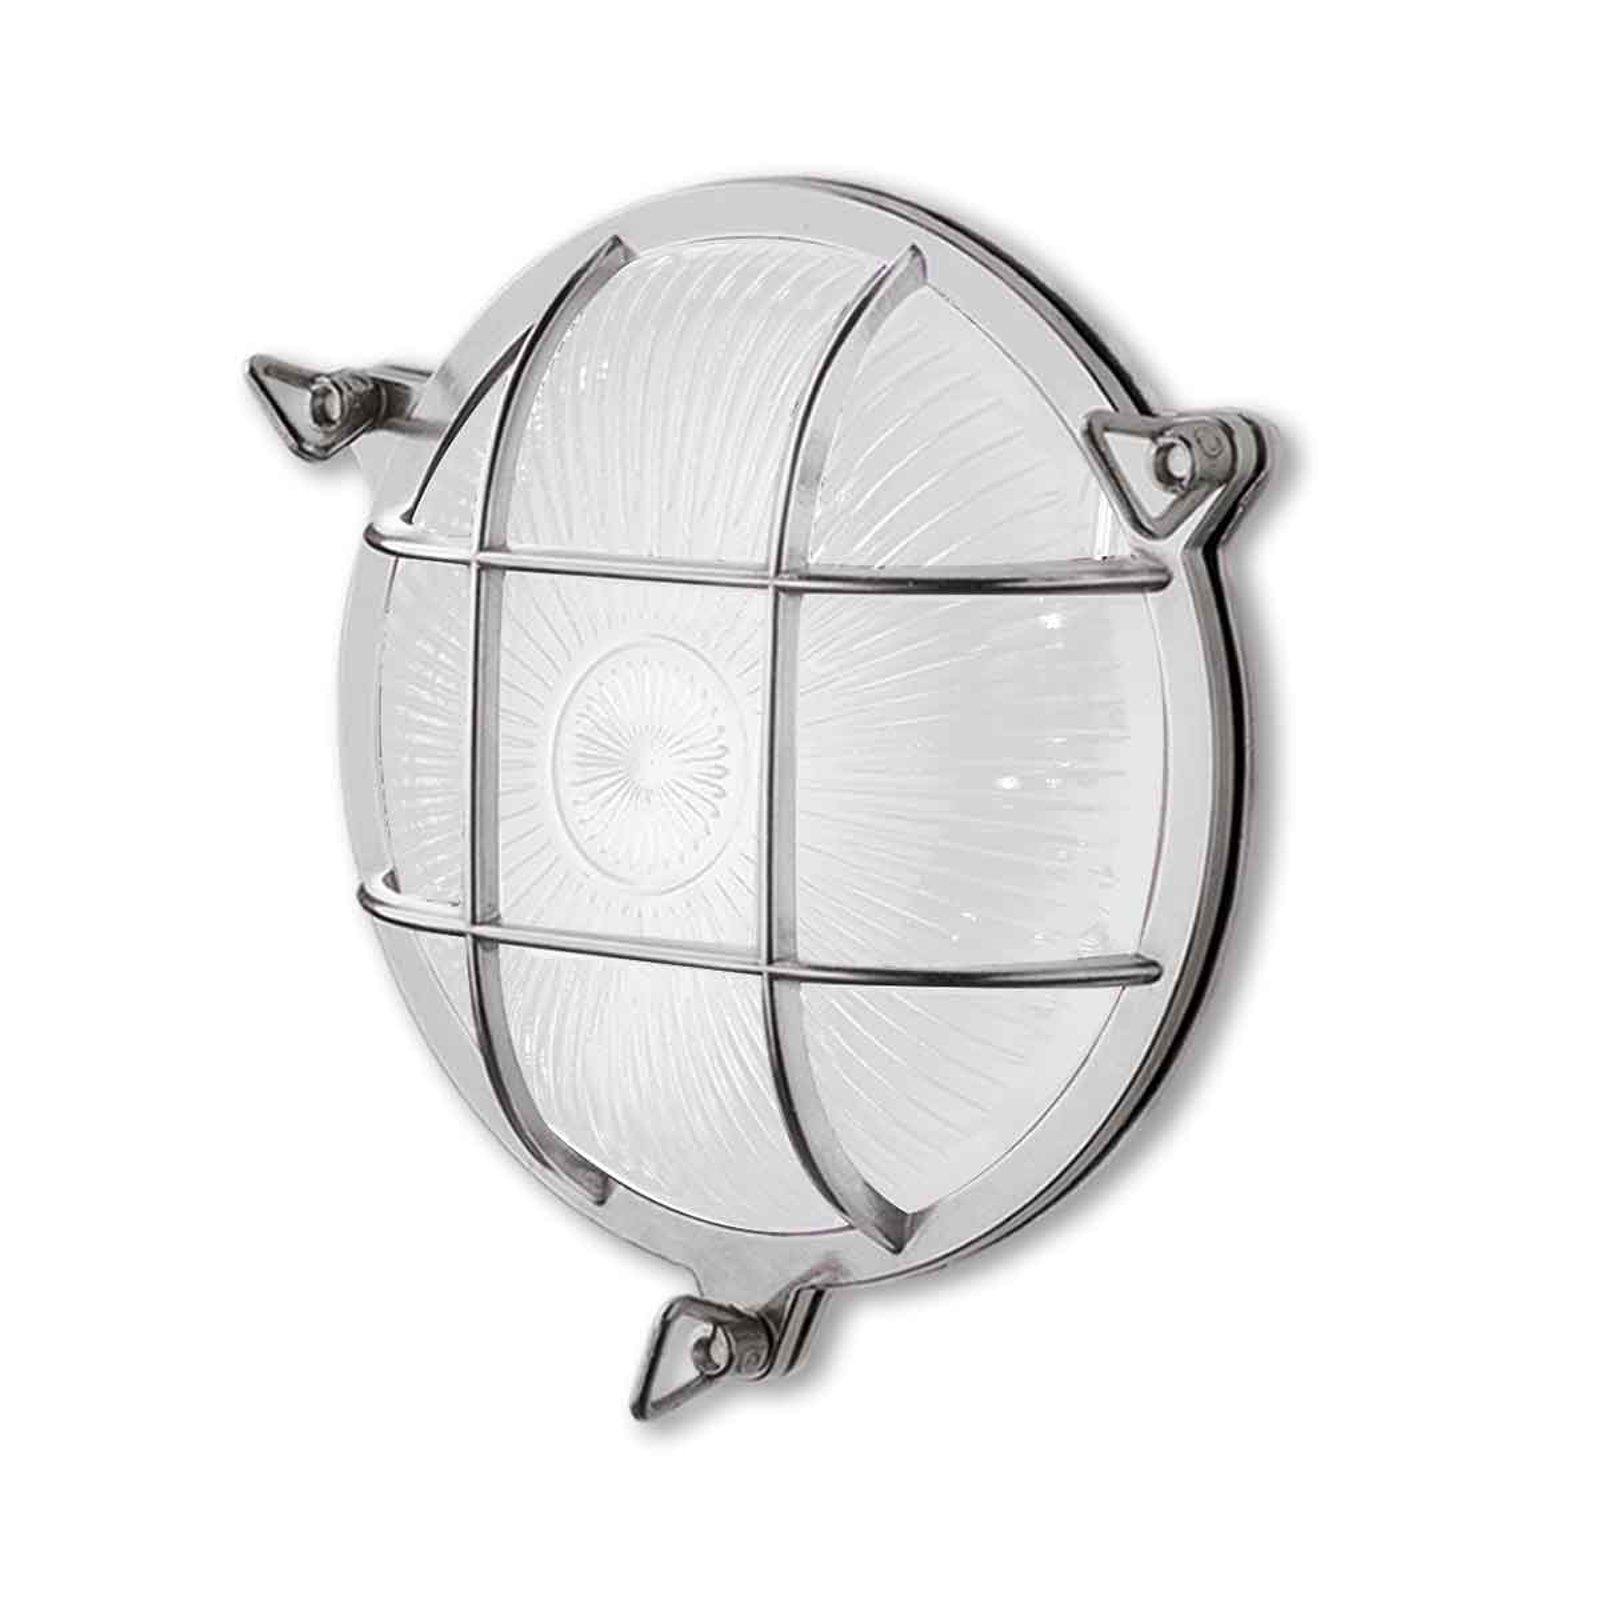 Tortuga 200.20 vegglampe, rund, nikkel/opal